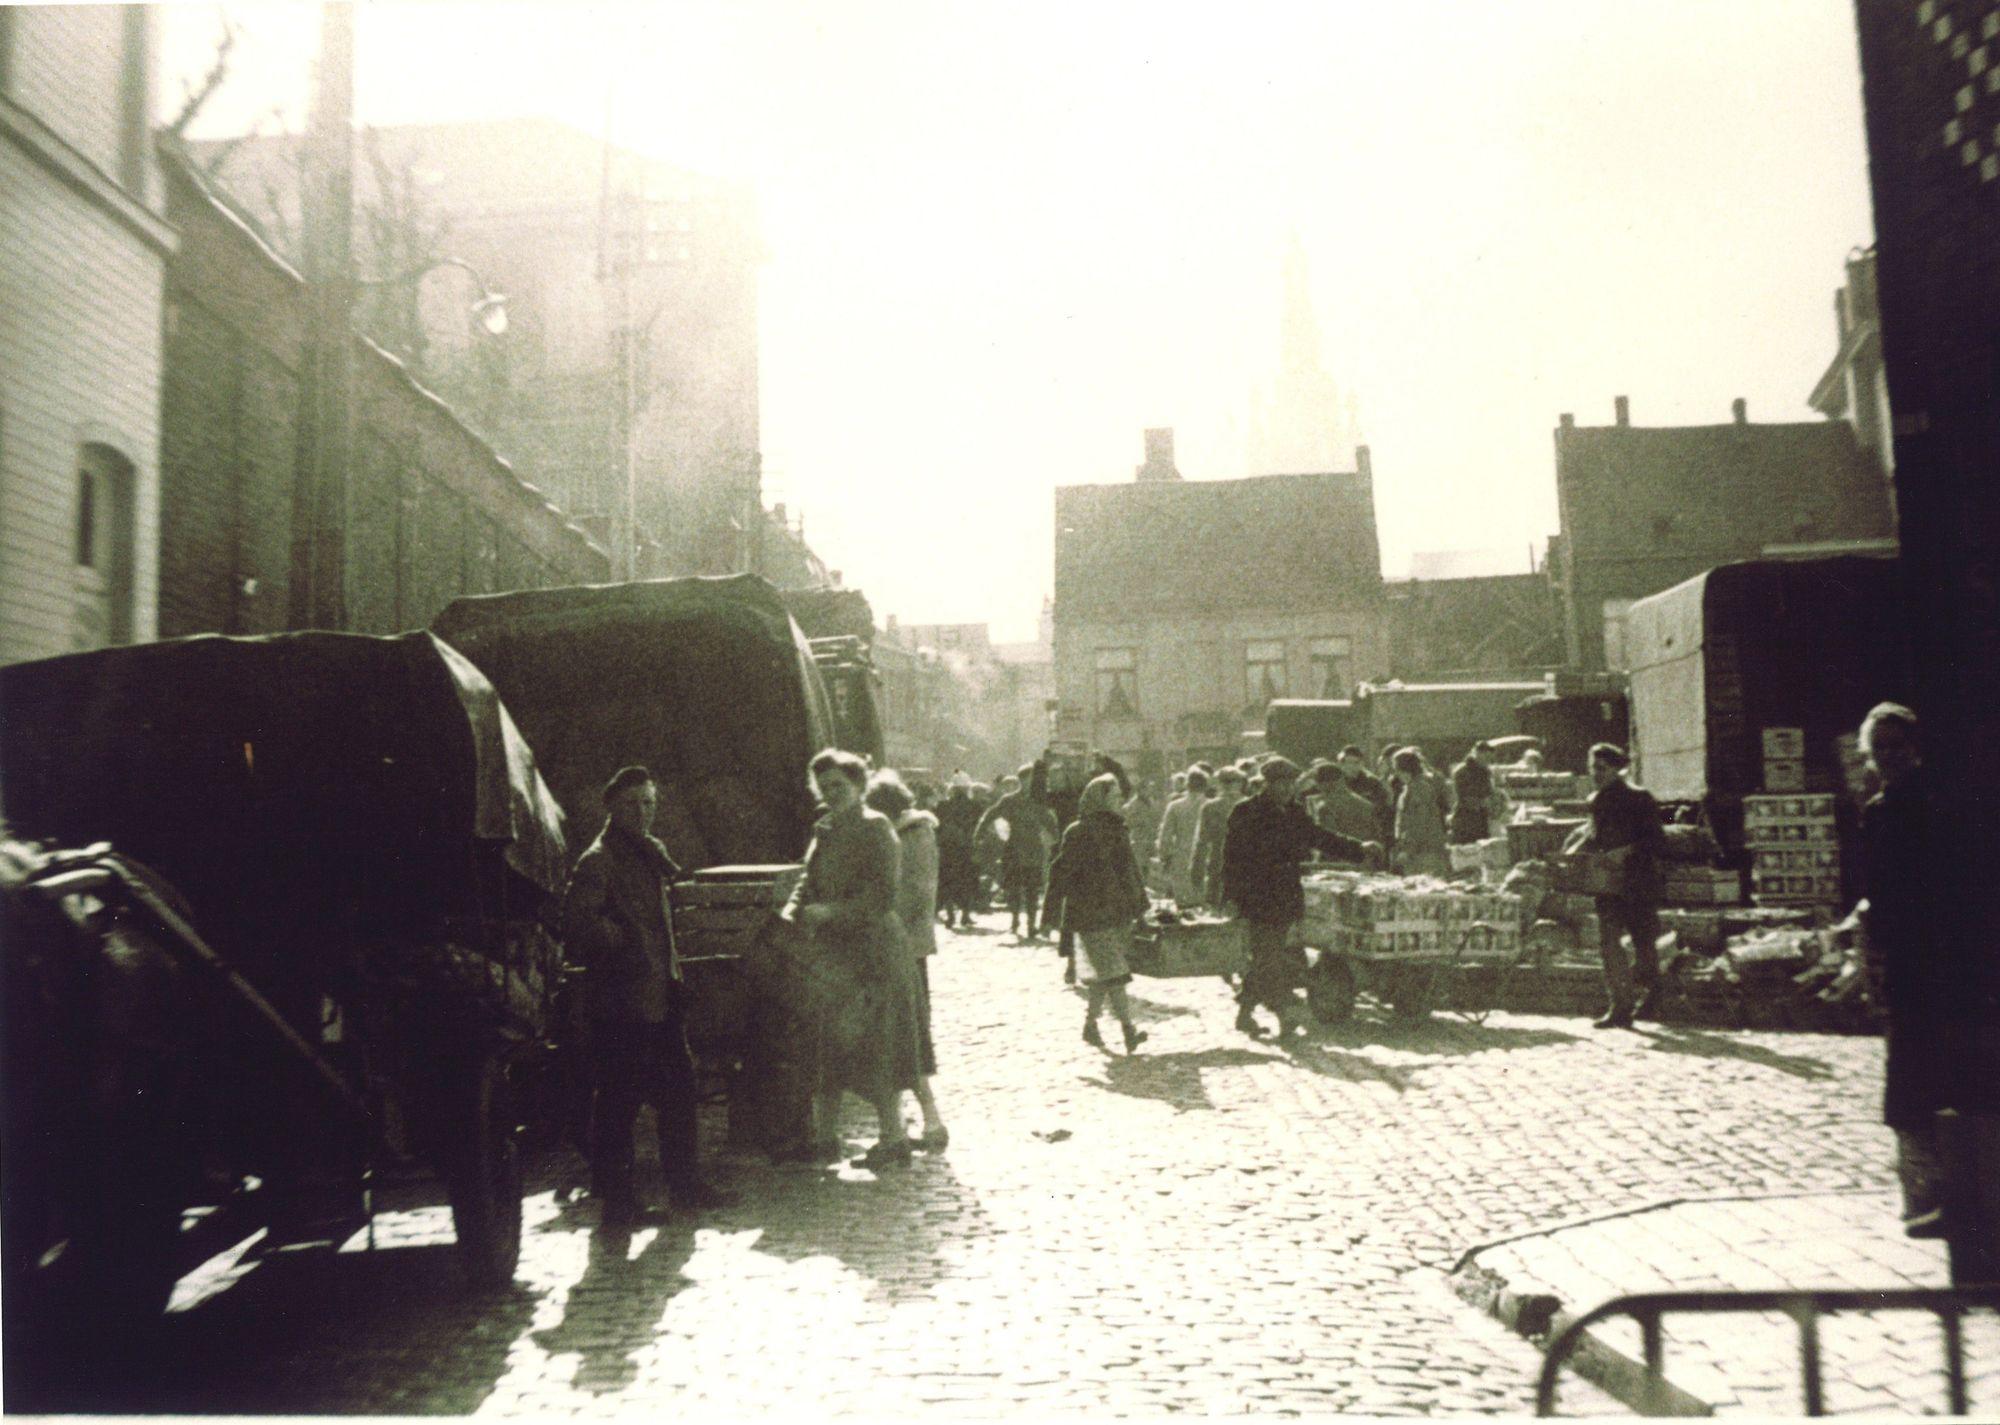 Marktdag op de Houtmarkt